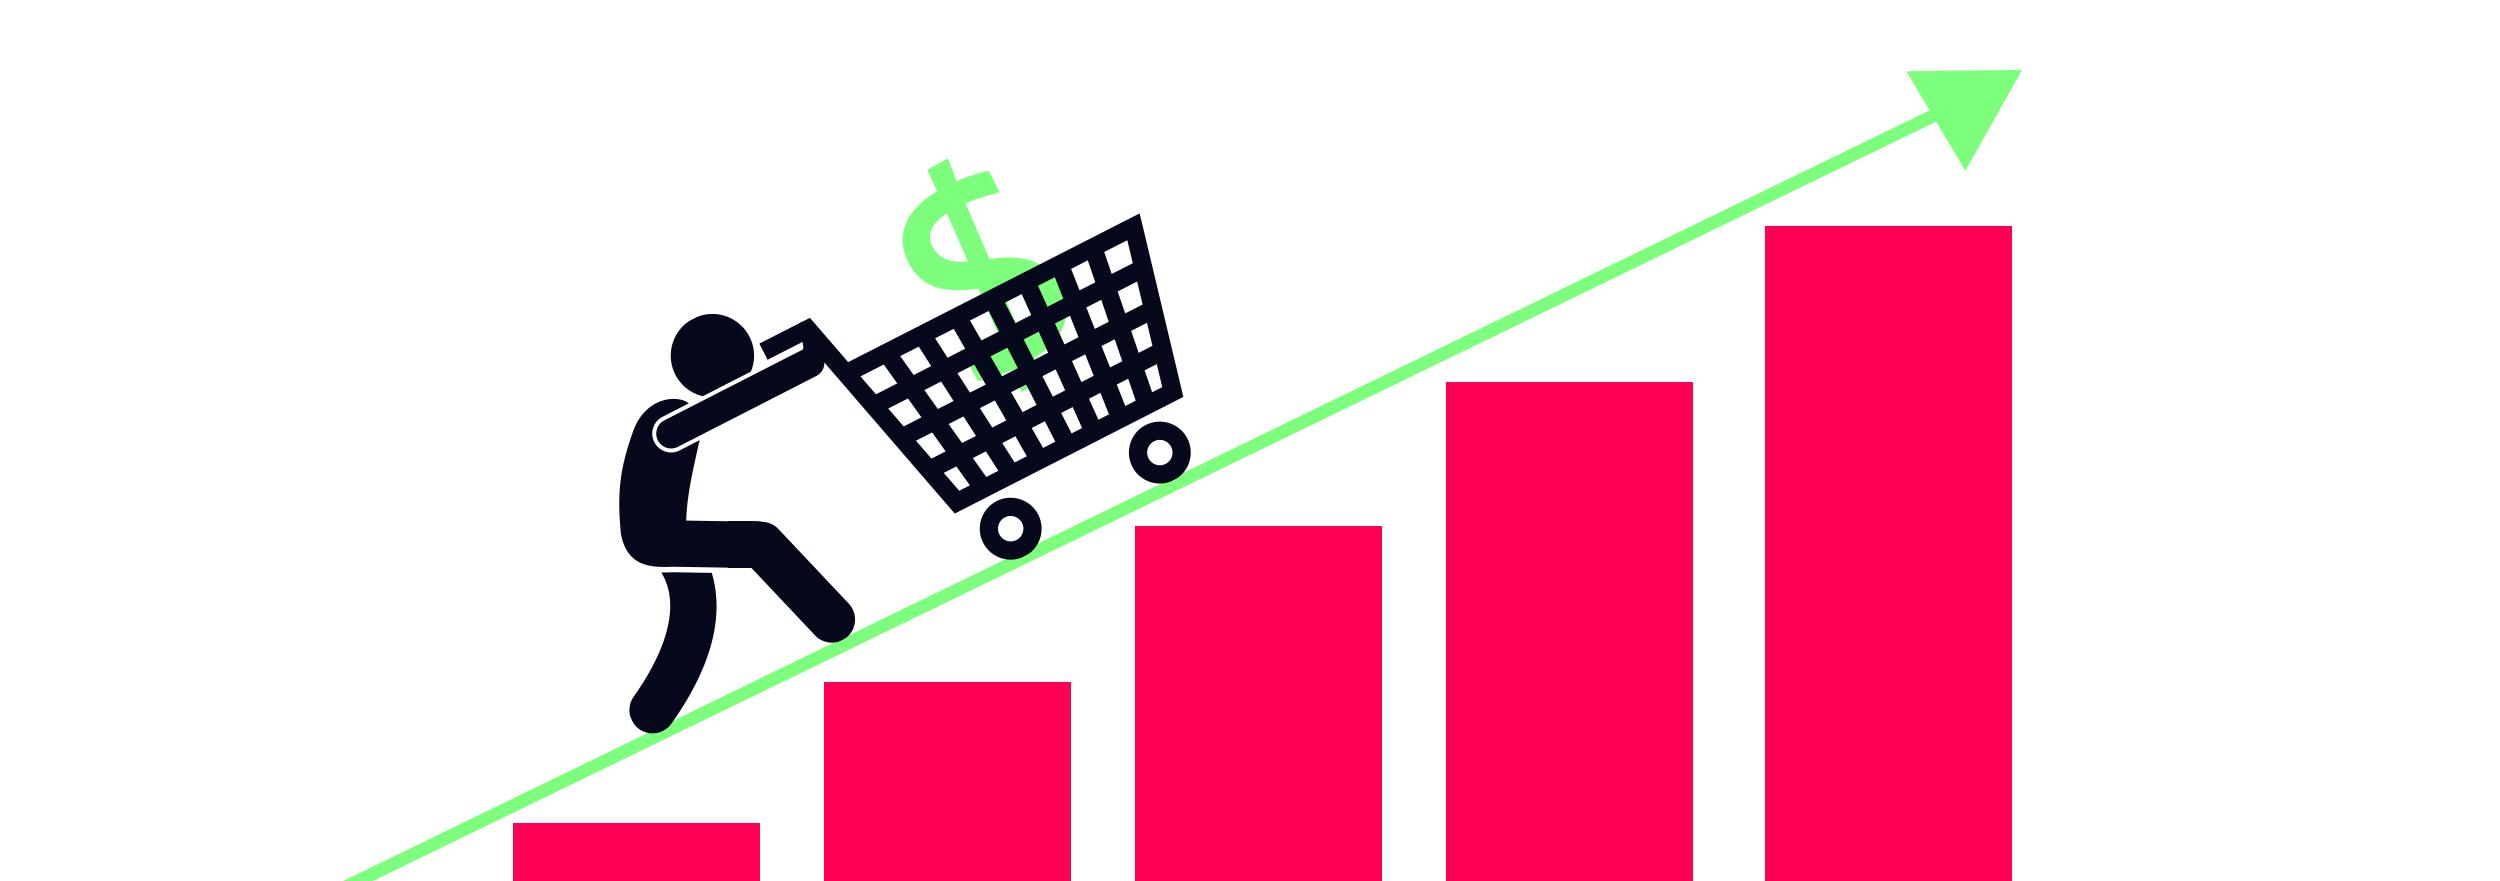 7 More Revenue-Driving eCommerce Growth Tactics